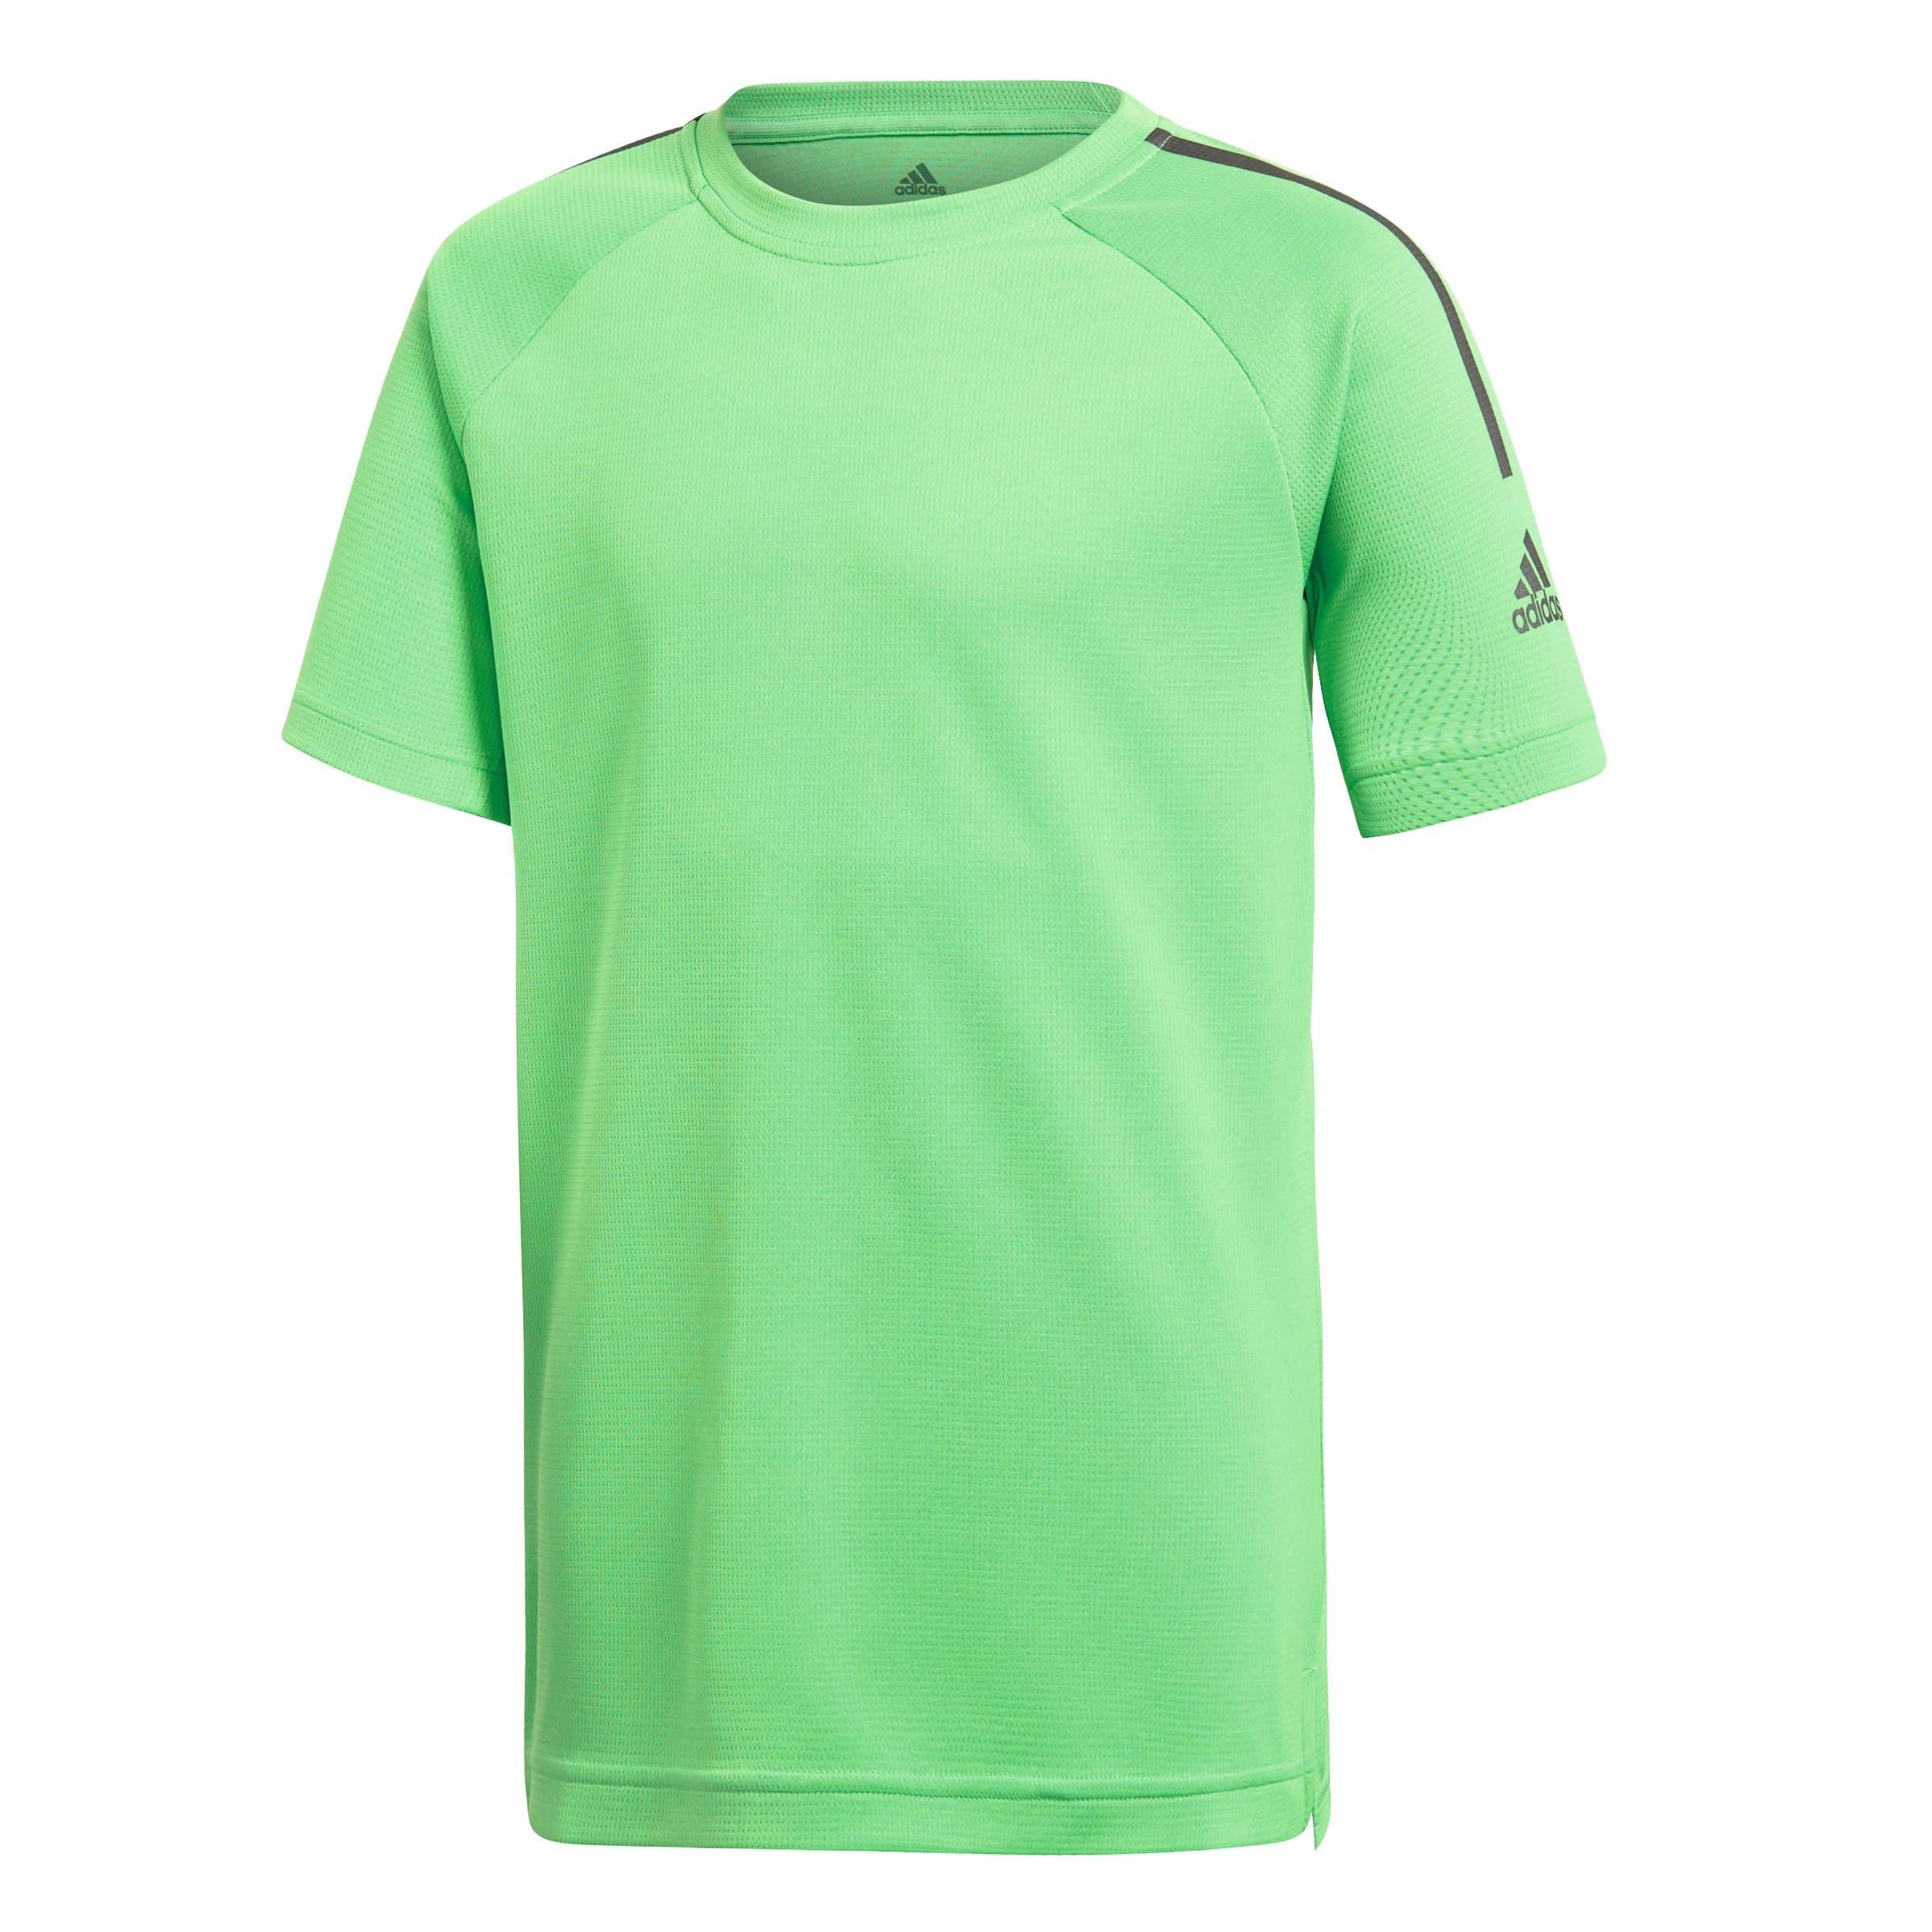 Adidas Cool Tee Knaben-T-Shirt